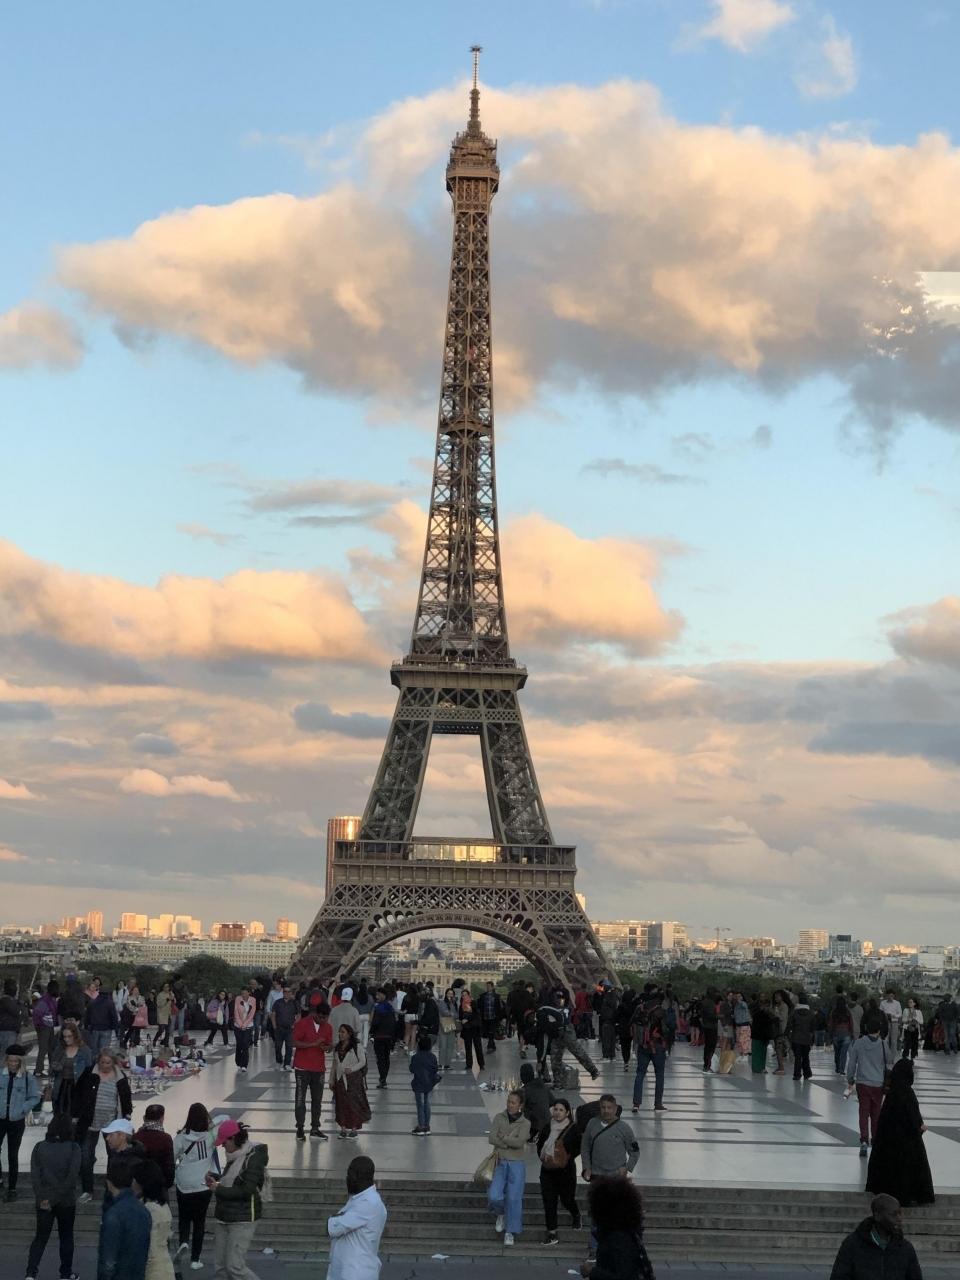 もう日が落ちそうになって  やっとエッフェル塔にご挨拶  フランス革命100周年を記念して建てられたそうです  今ではパリのシンボル